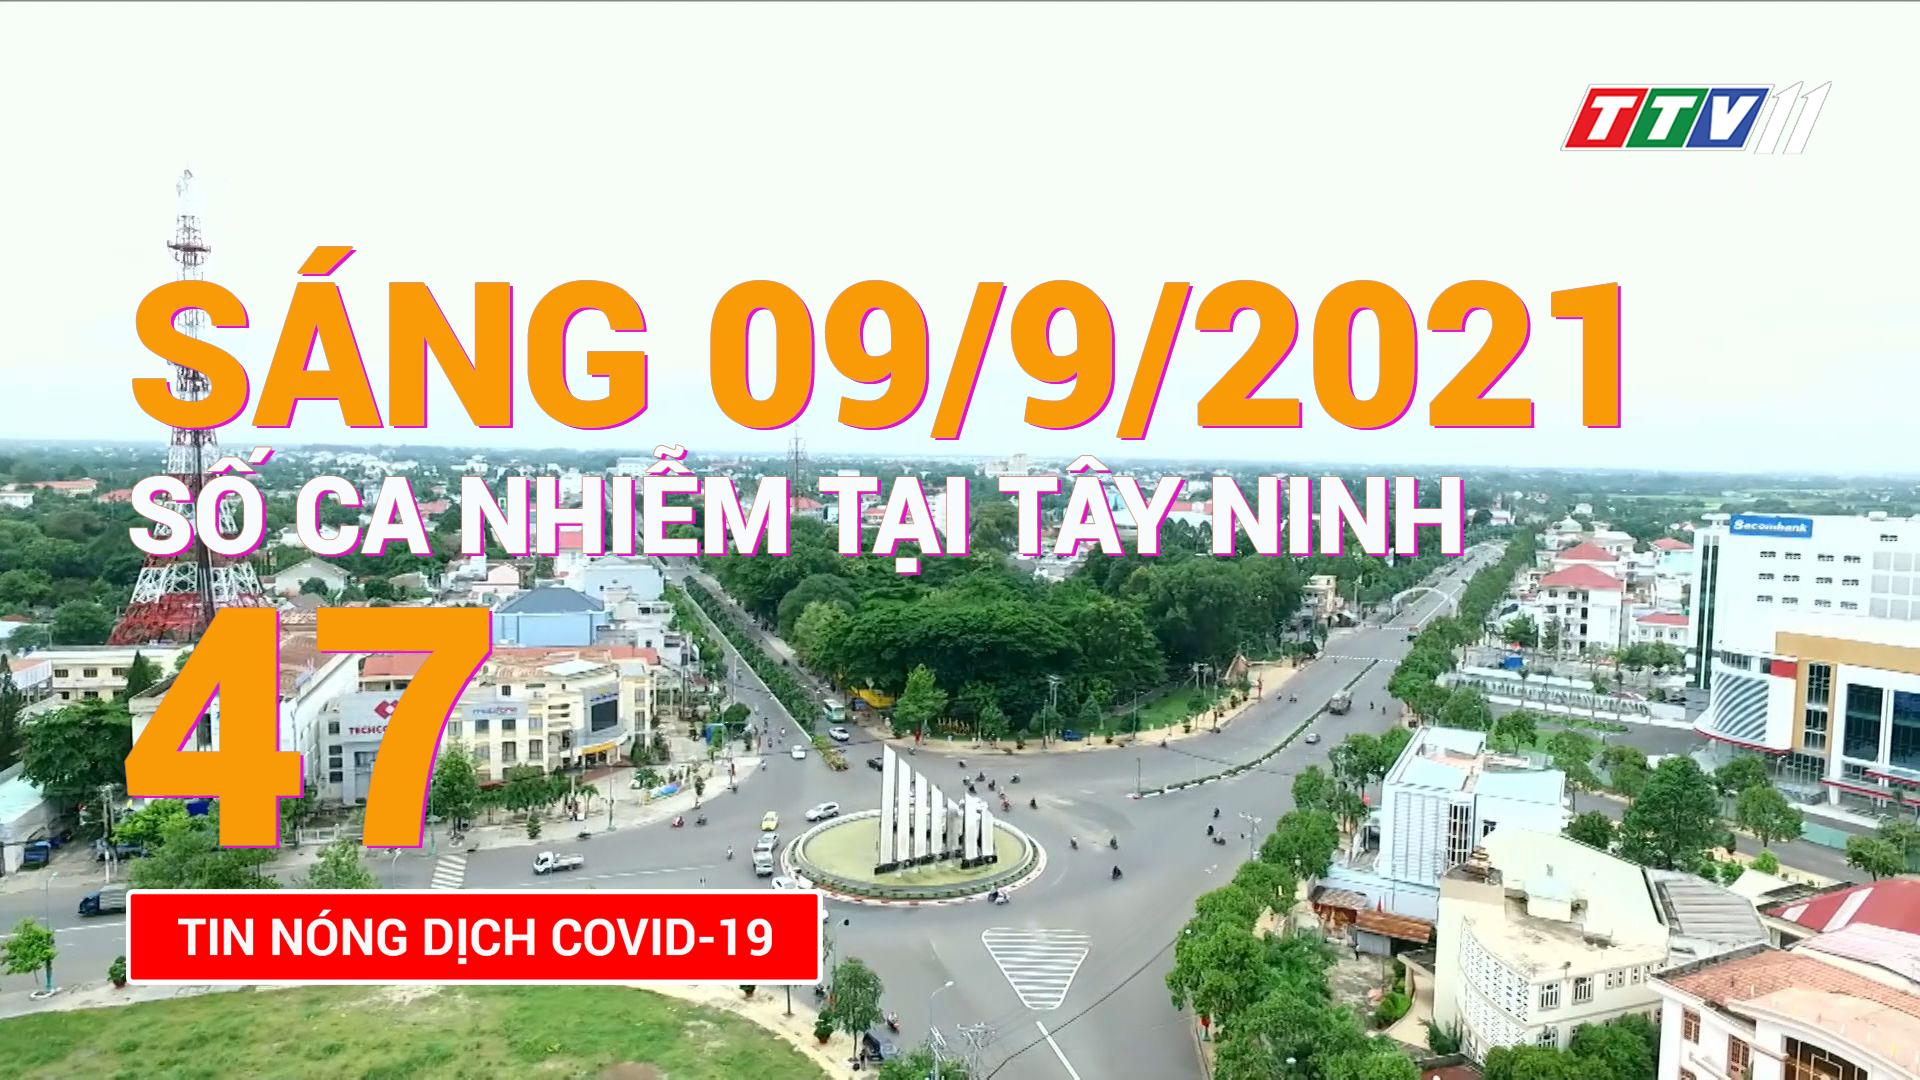 Tin tức Covid-19 sáng 09/9/2021 | TayNinhTV